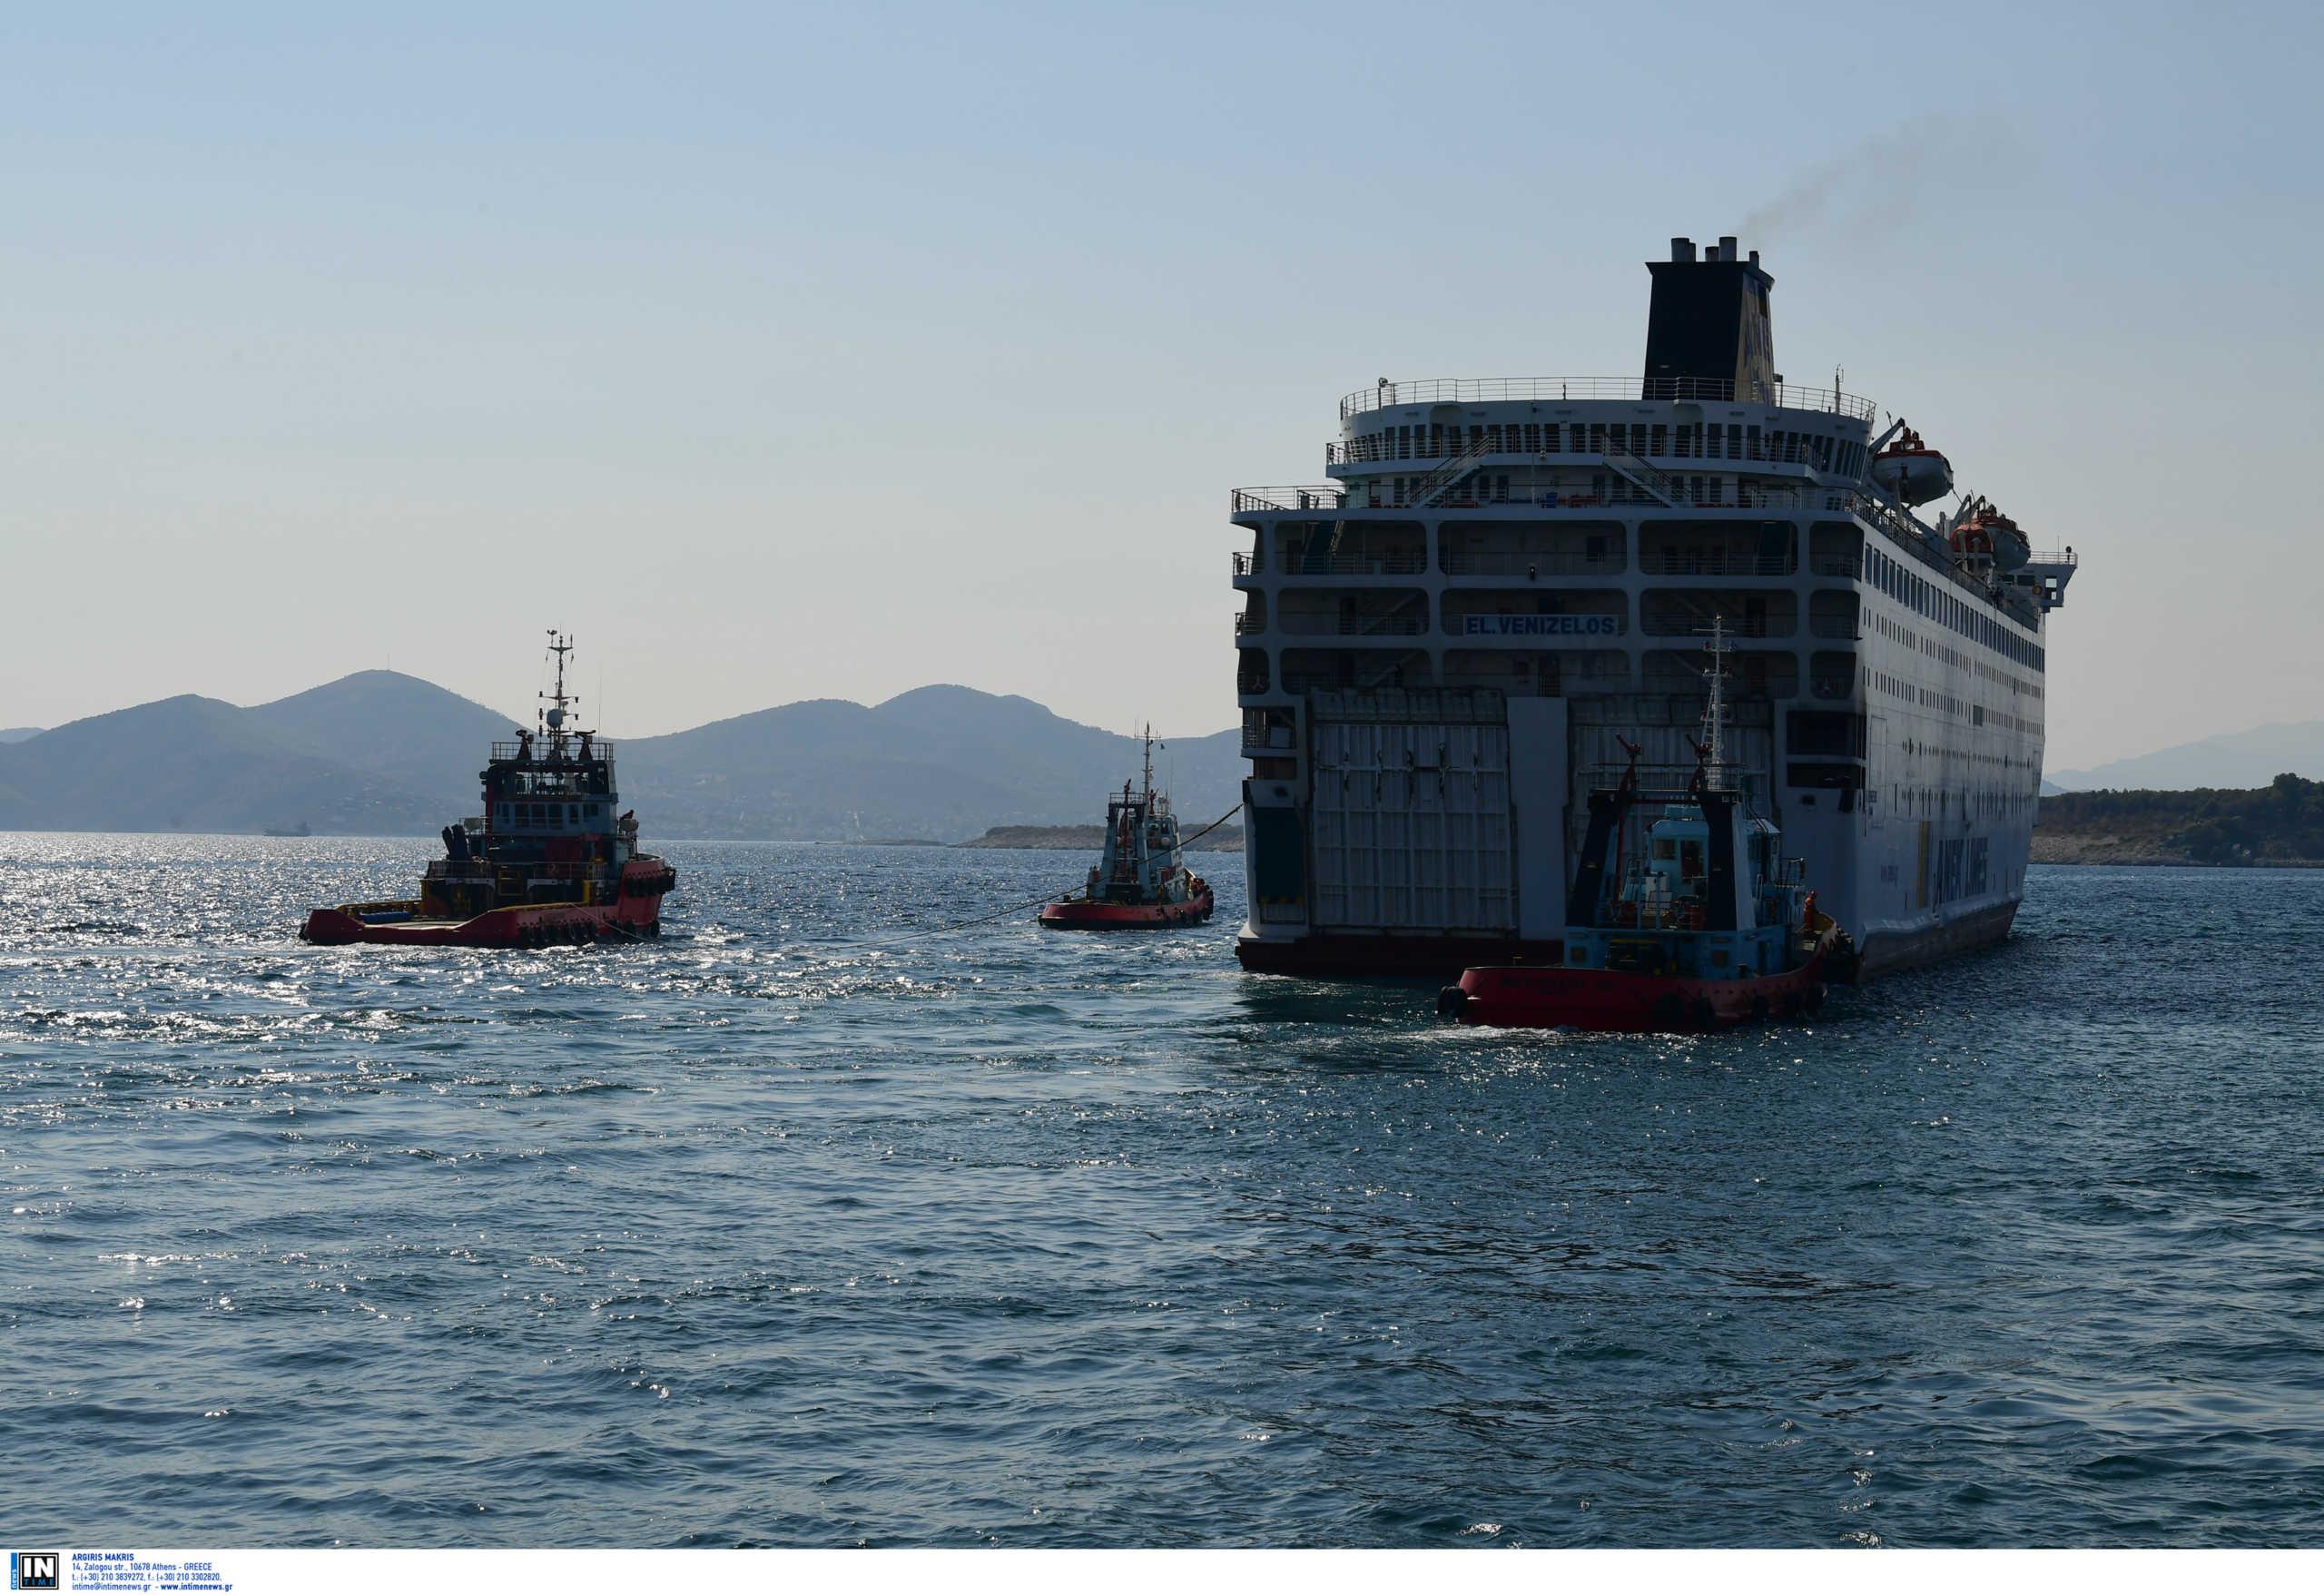 Περισσότερα από 120 τα κρούσματα κορονοϊού στο πλοίο Ελευθέριος Βενιζέλος